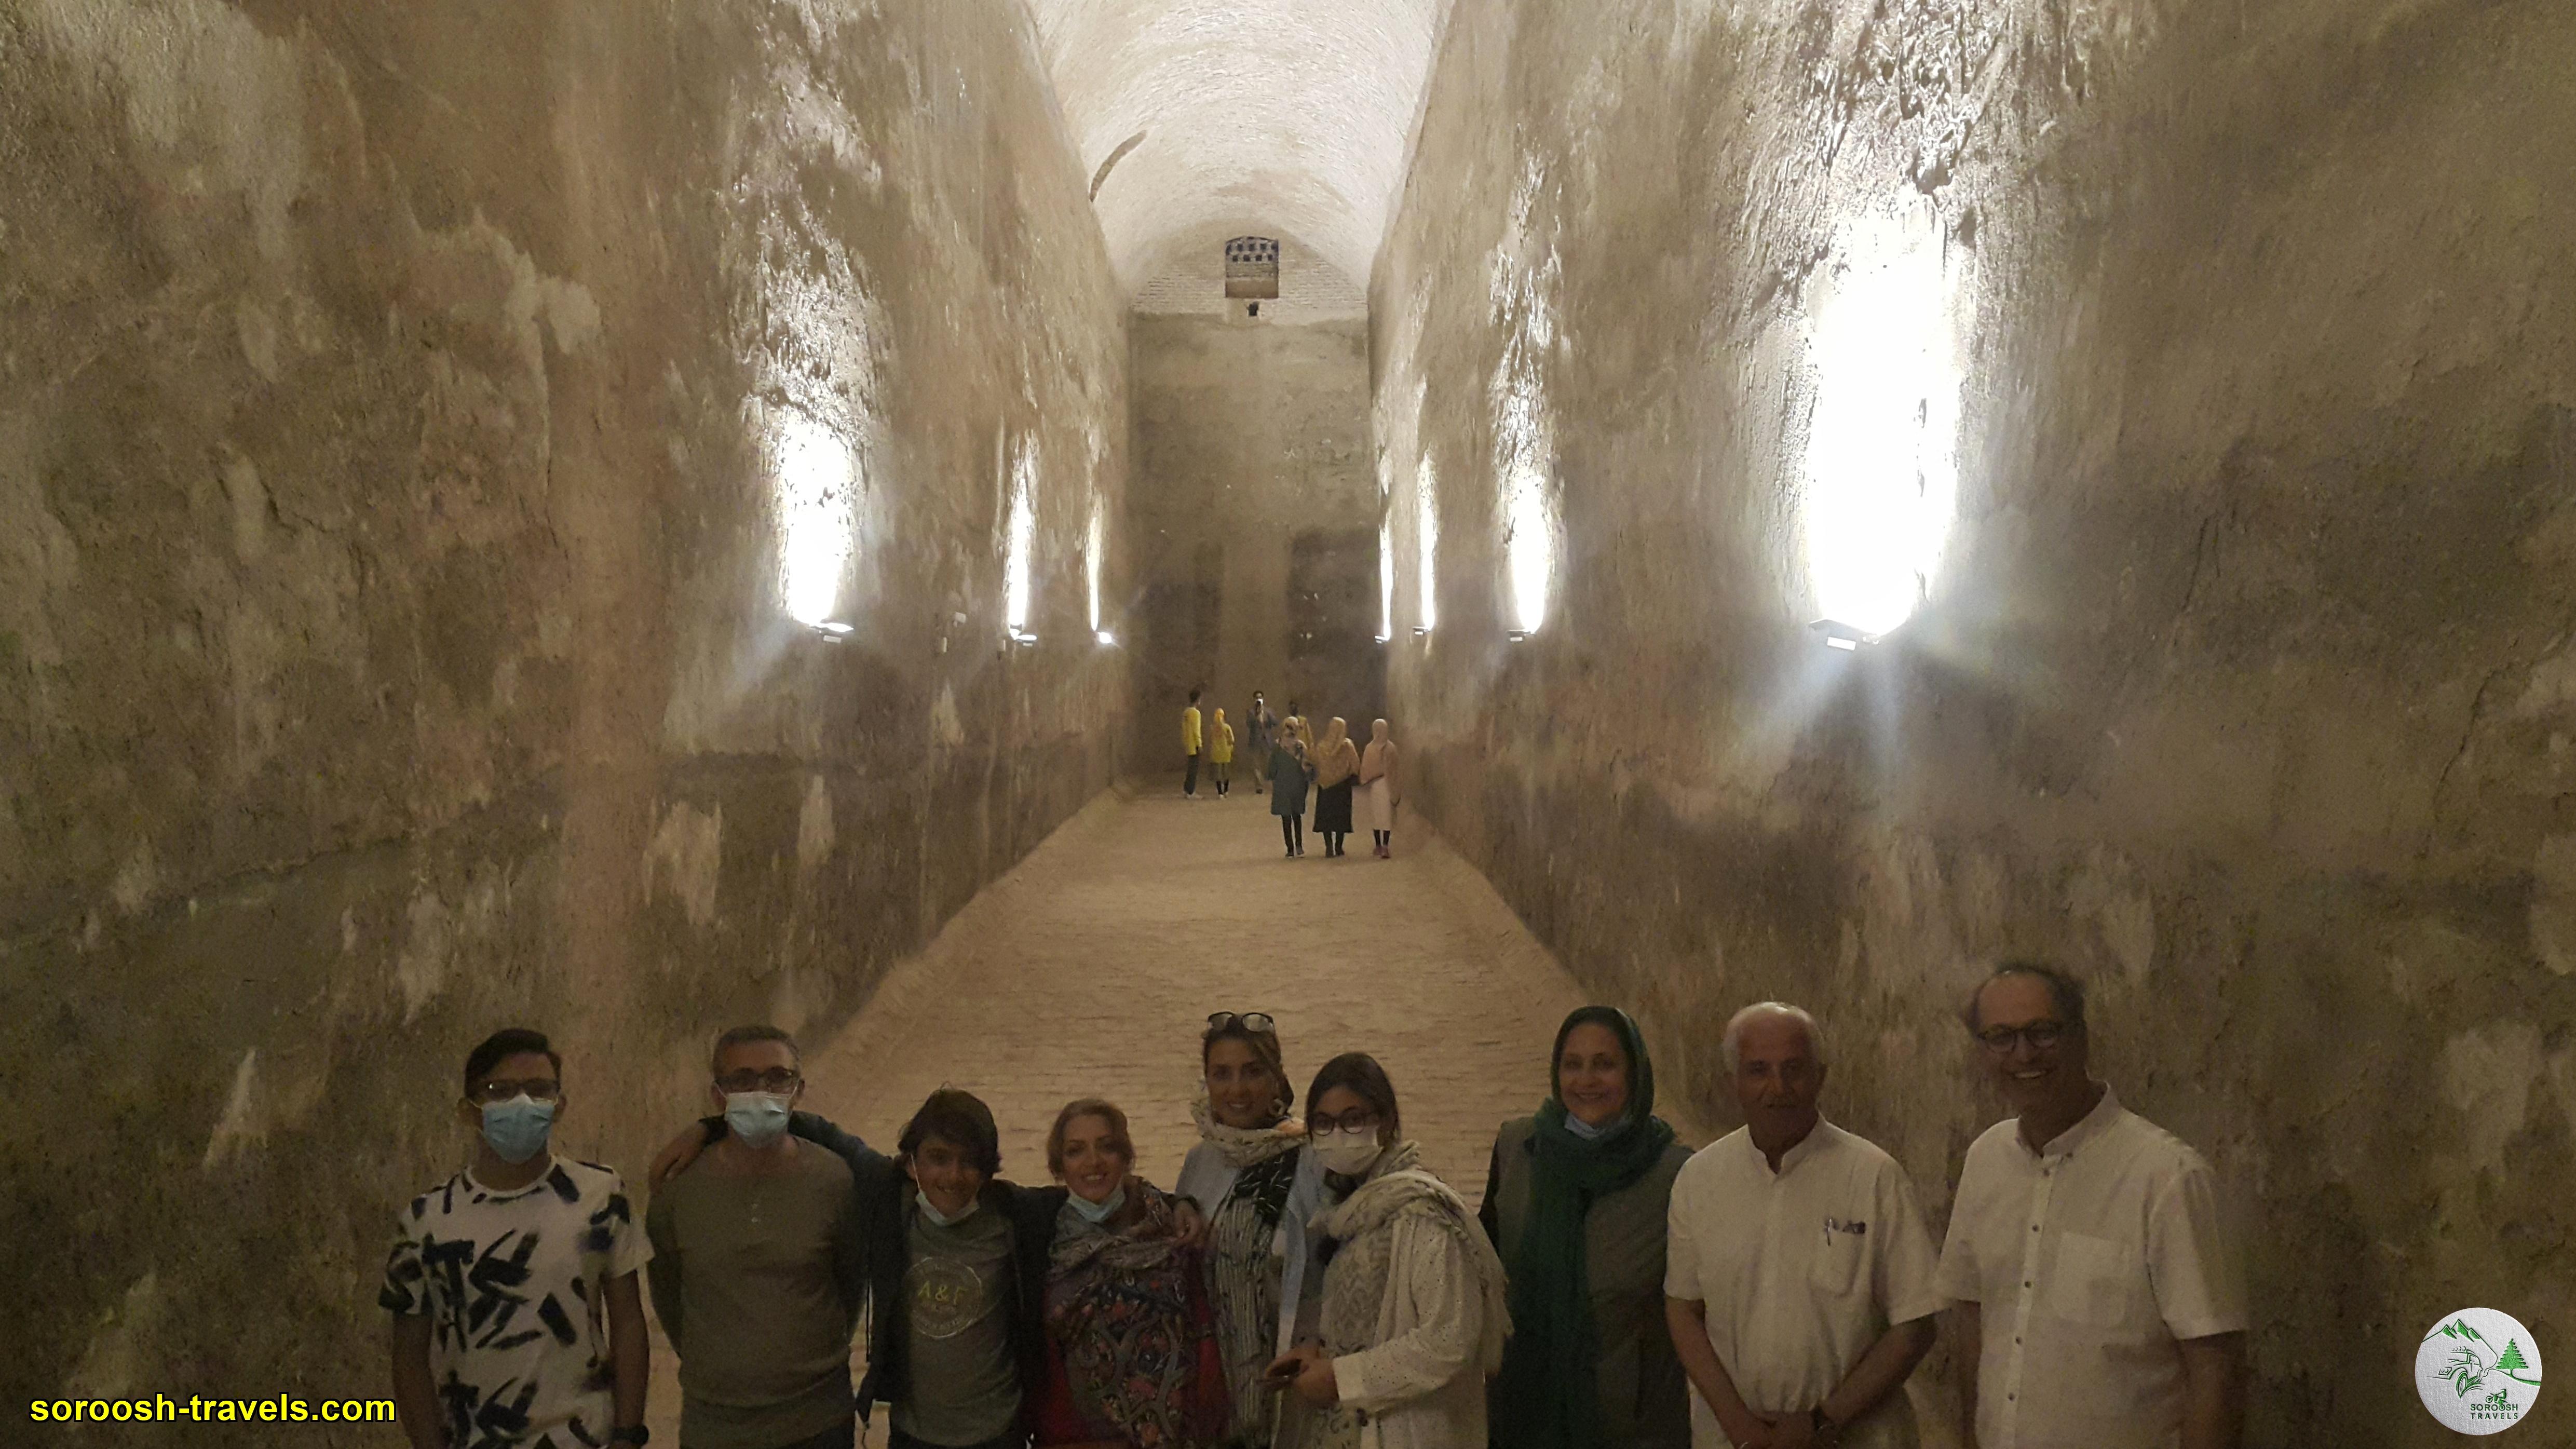 آب انبار - دیدنیهای شهر بیرجند - نوروز 1400